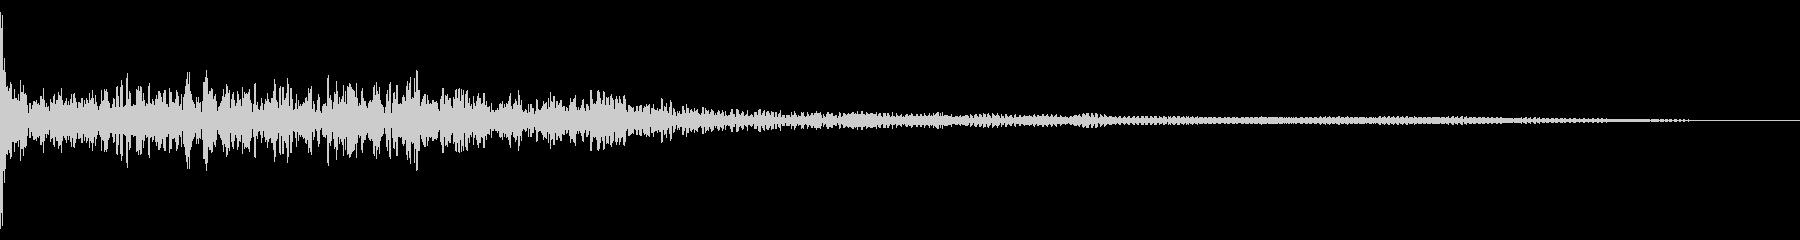 ホラー系アタック音9の未再生の波形